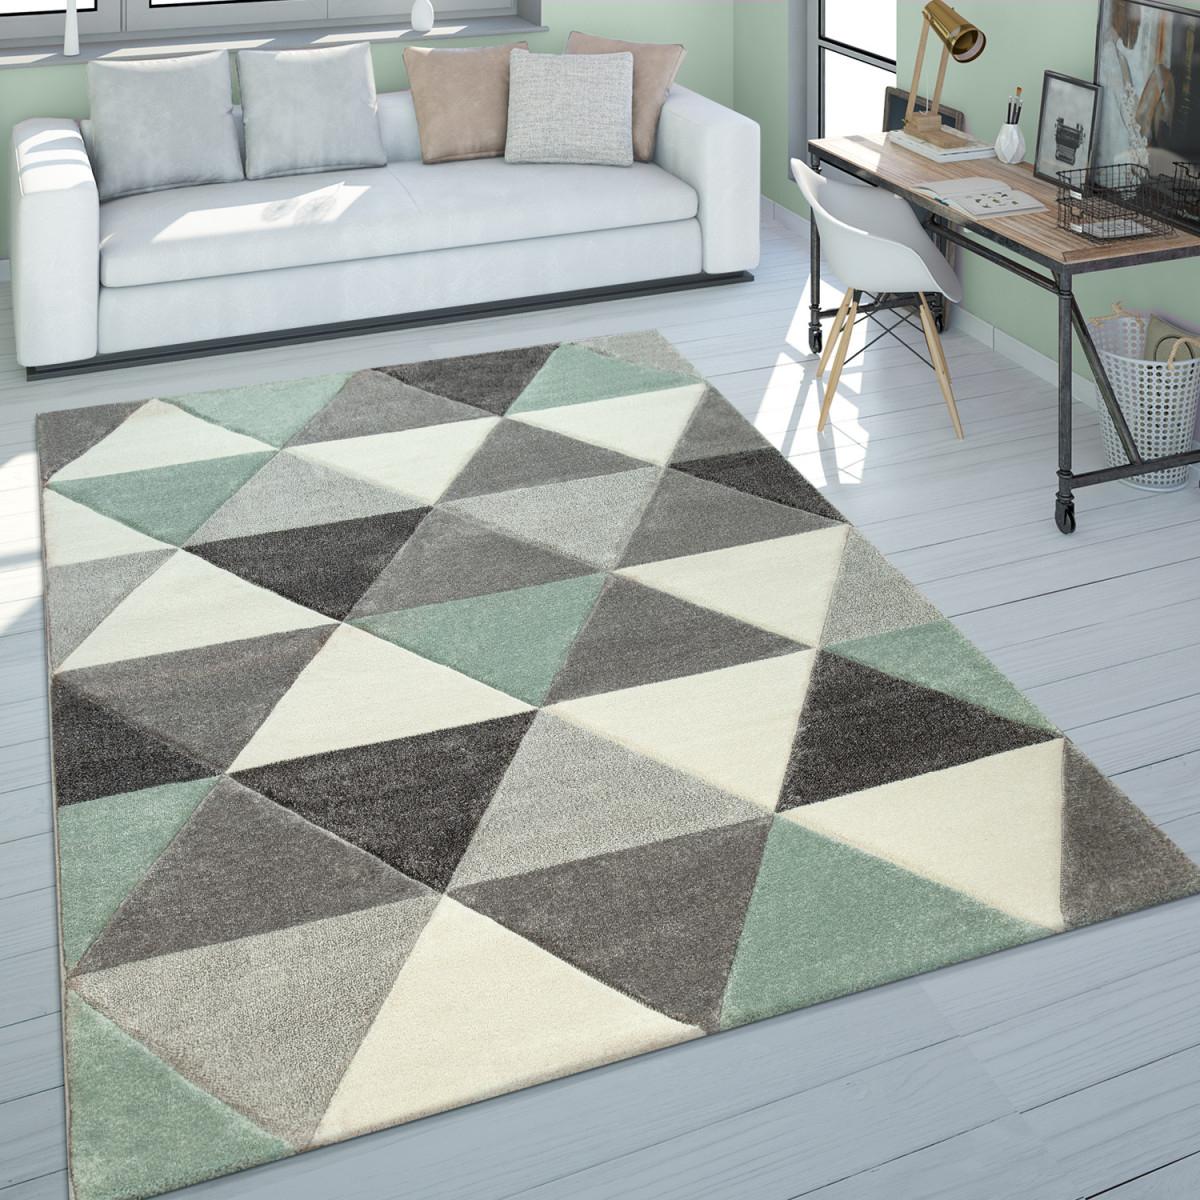 Wohnzimmer Teppich Grün Grau Pastellfarben Kurzflor Retro Design Dreieck  Muster von Wohnzimmer Teppich Grün Bild